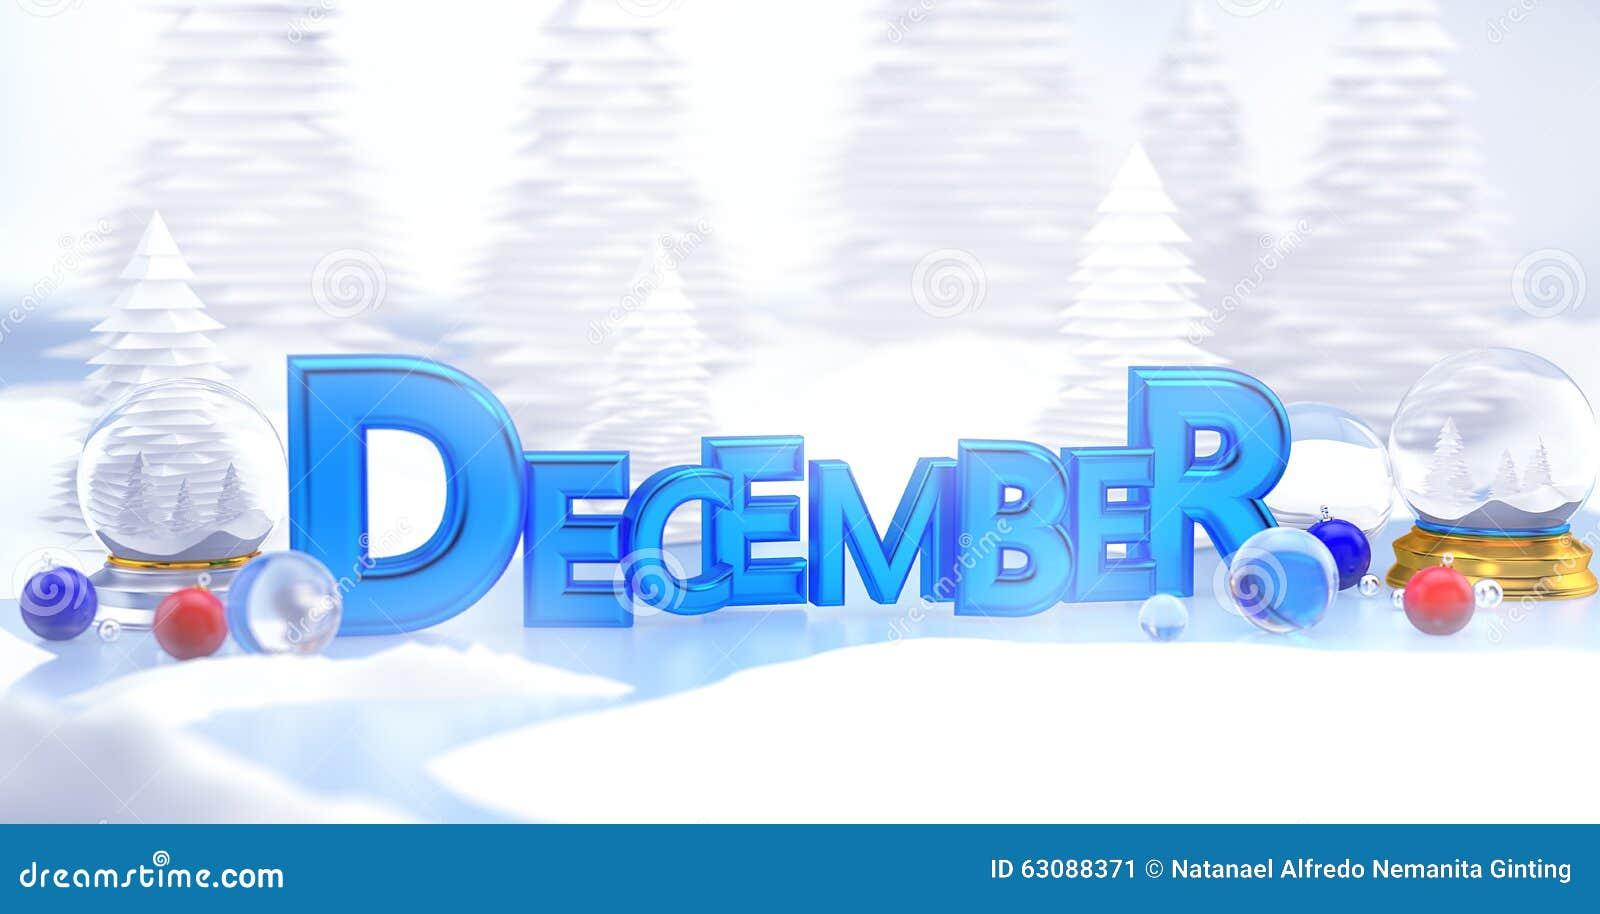 Download Paysage D'hiver De La Typographie 3D De Décembre Illustration Stock - Illustration du digital, ornement: 63088371